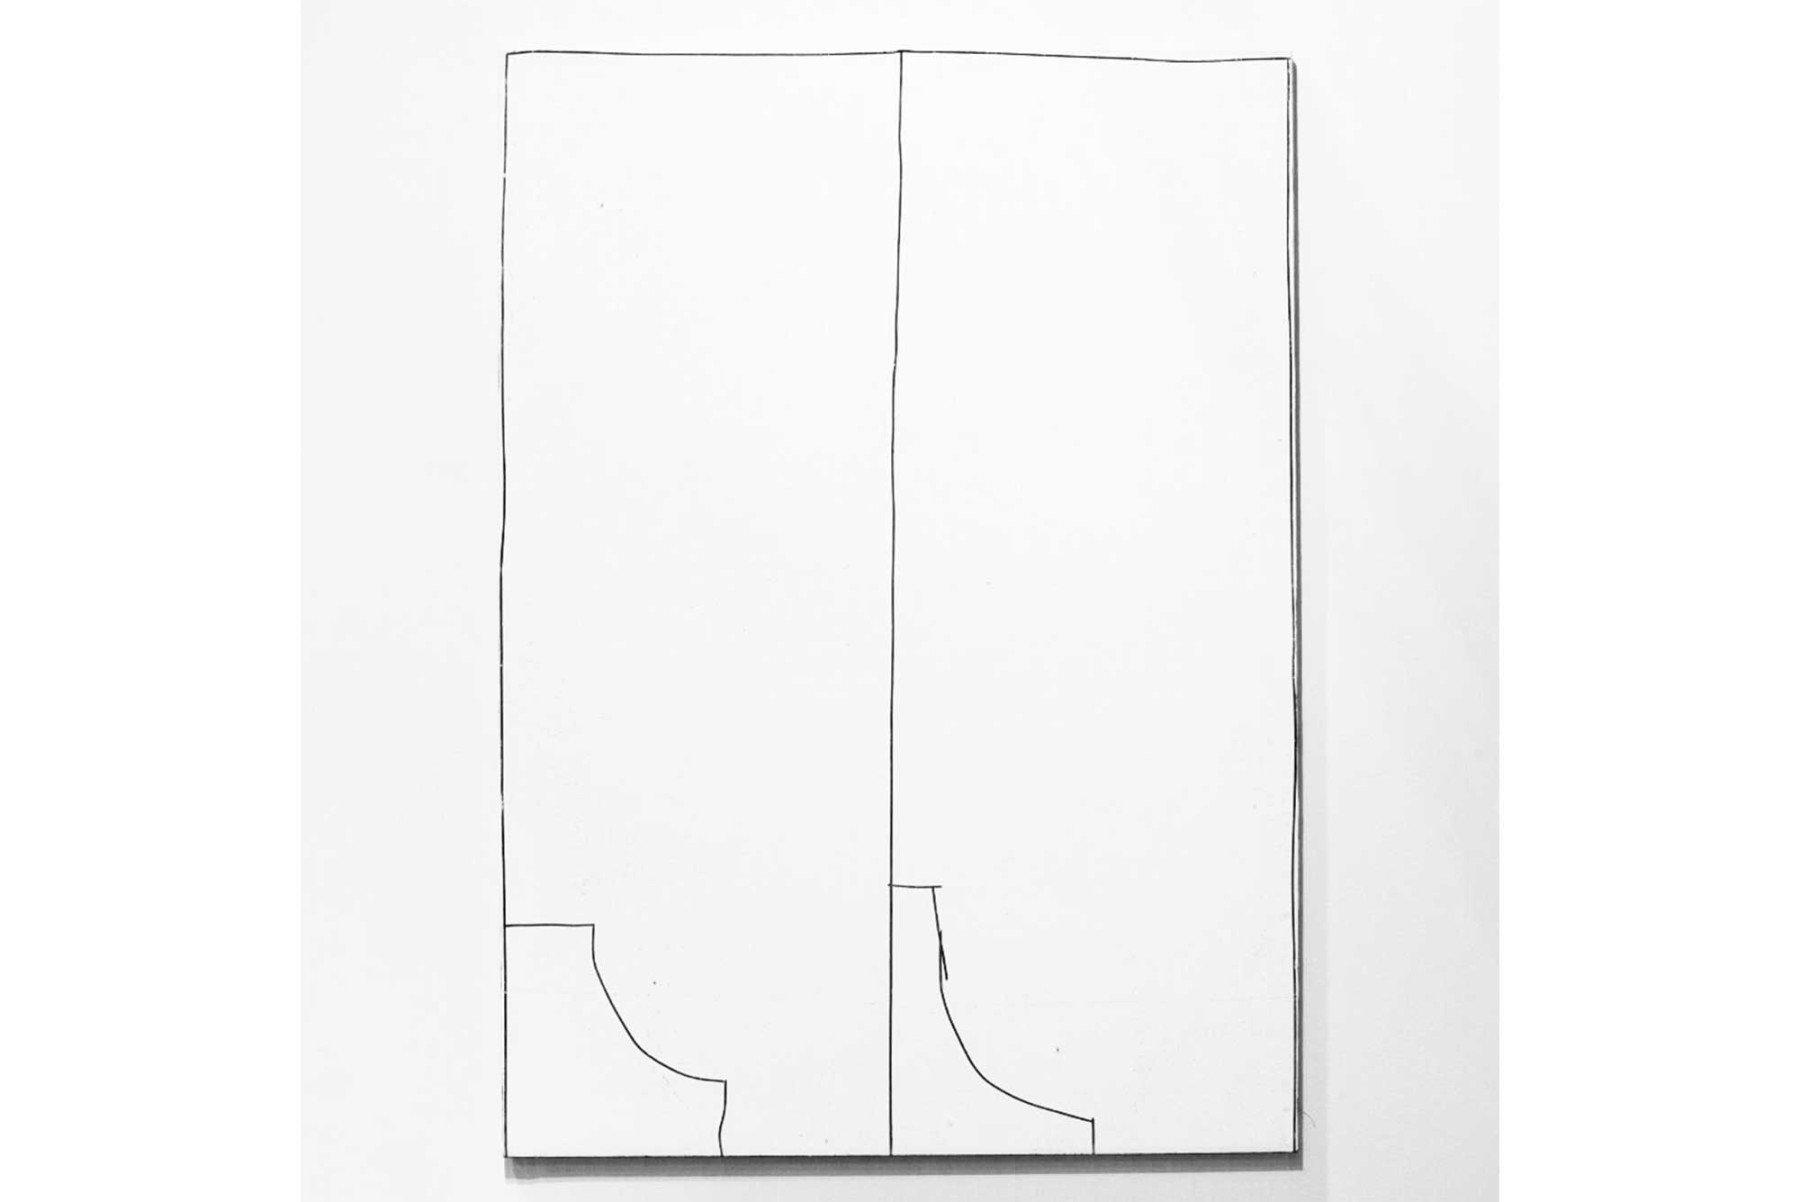 Clay Mahn |   Periscope